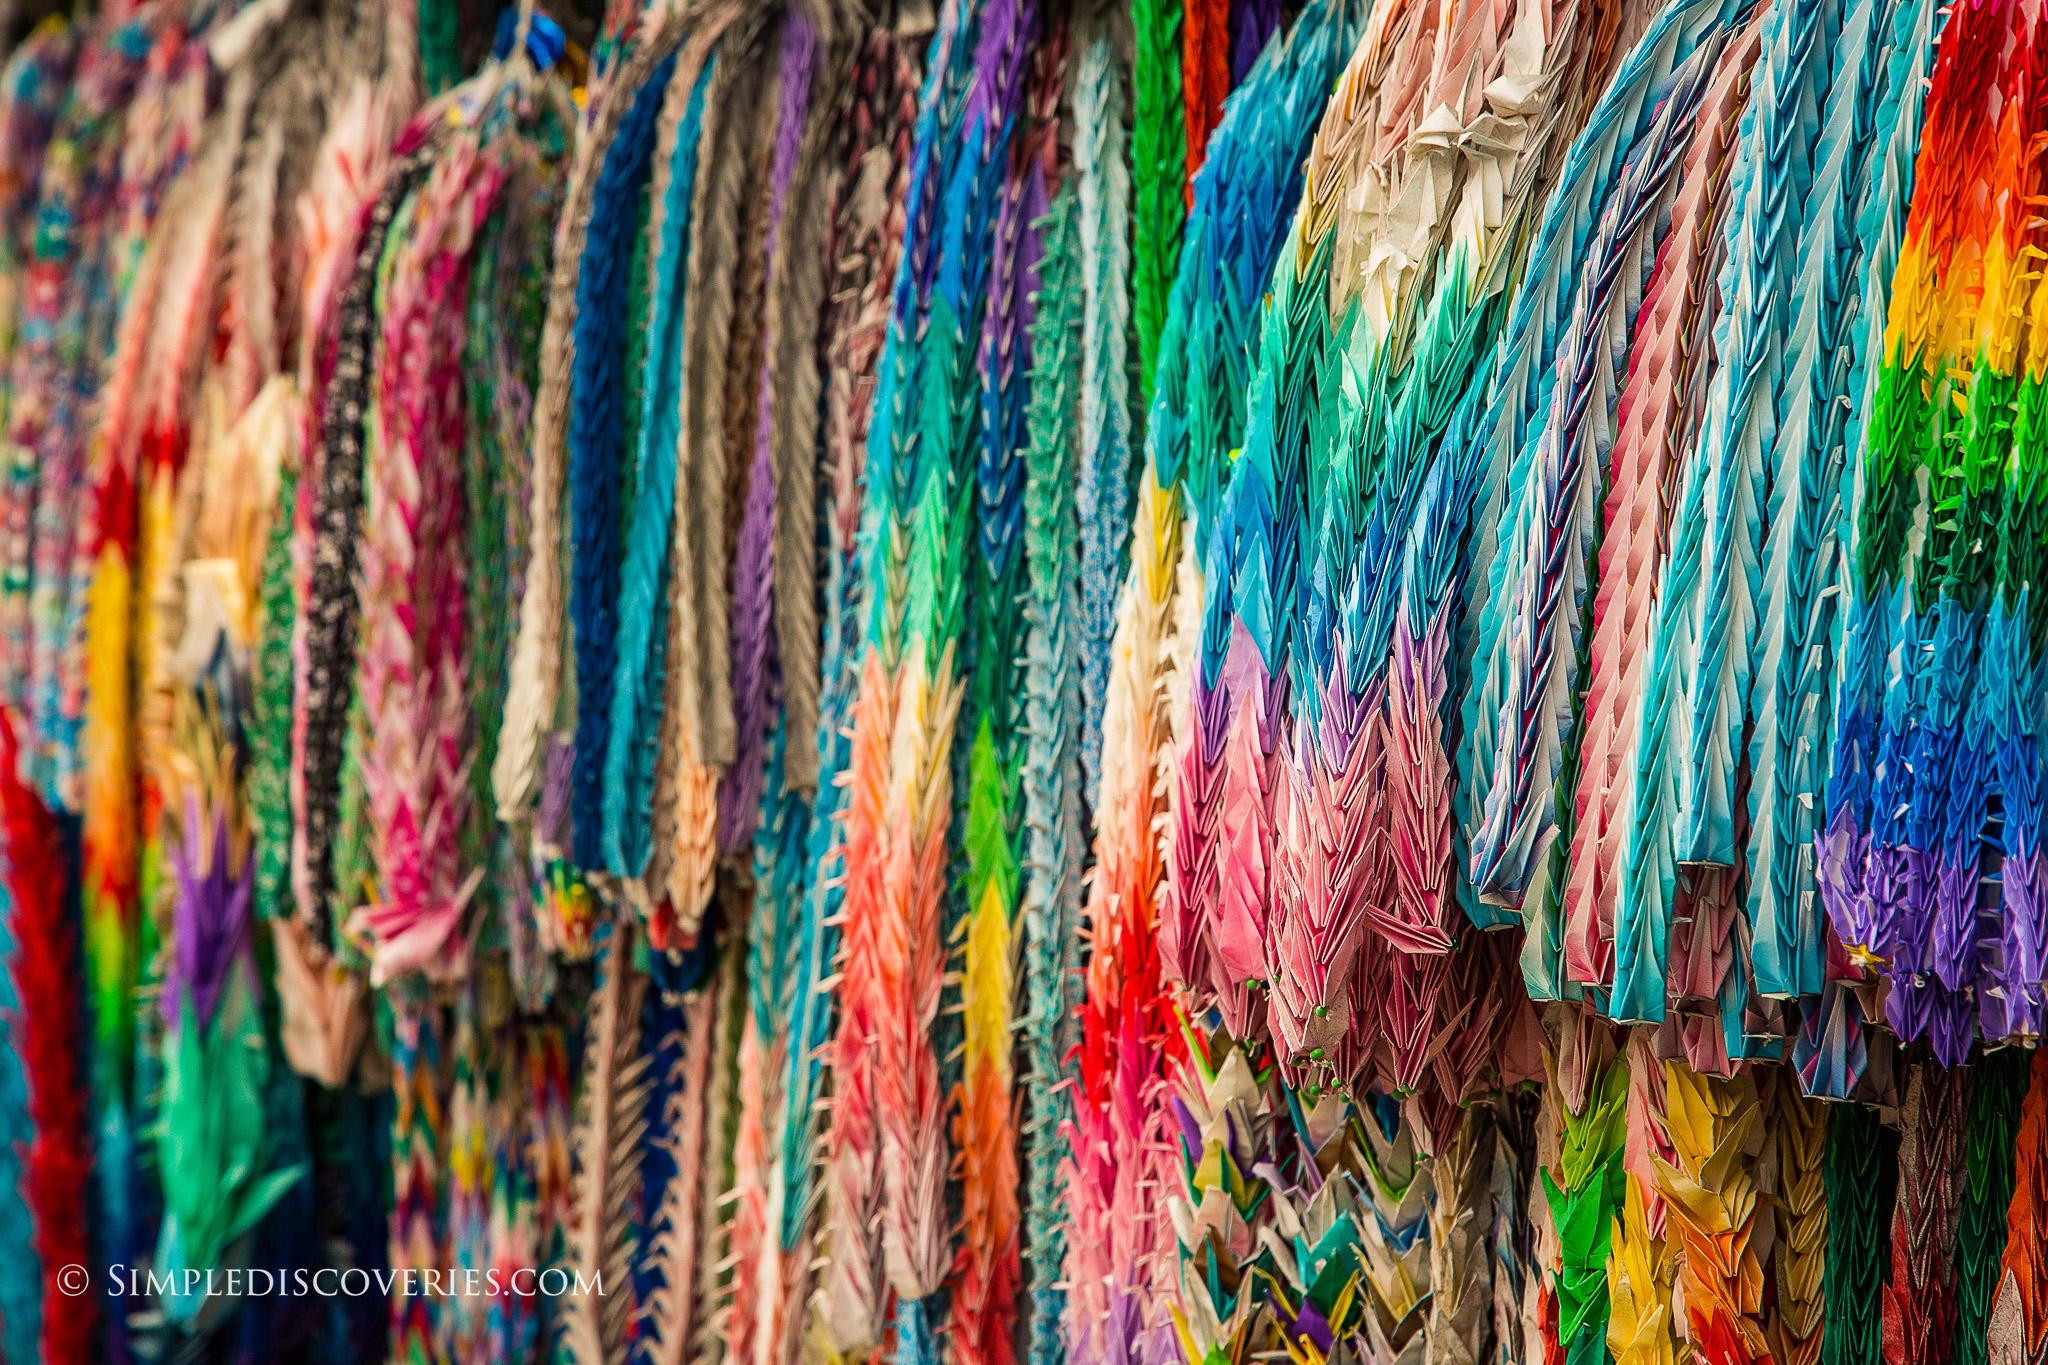 Japan_Colorful_paper_Cranes